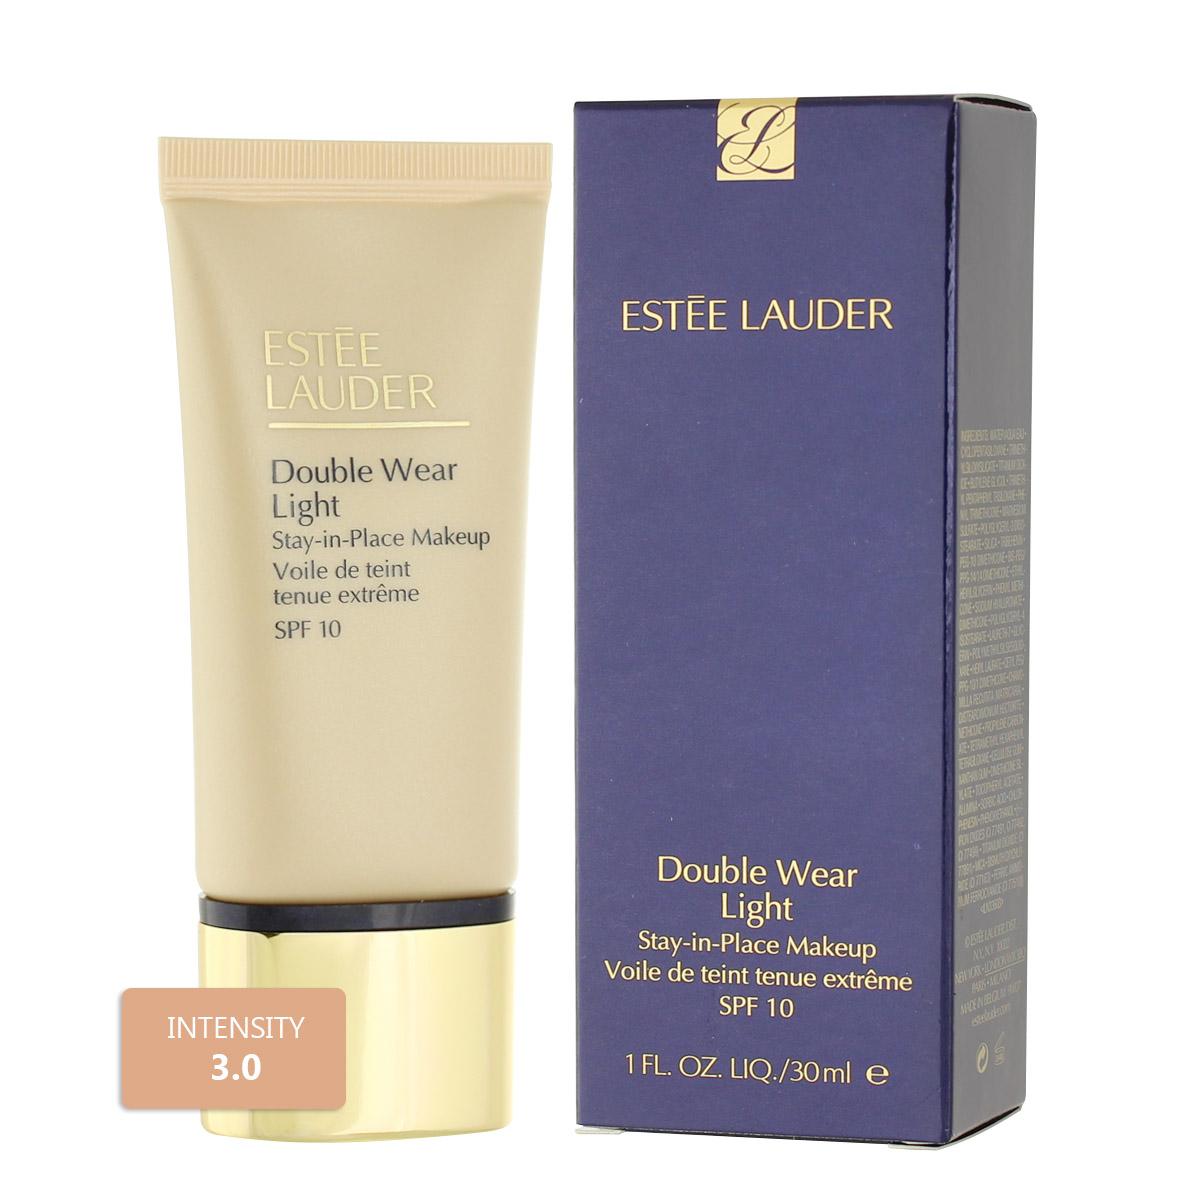 Estée Lauder Double Wear Light Stay-in-Place Makeup (INTENSITY 3.0) 30 ml